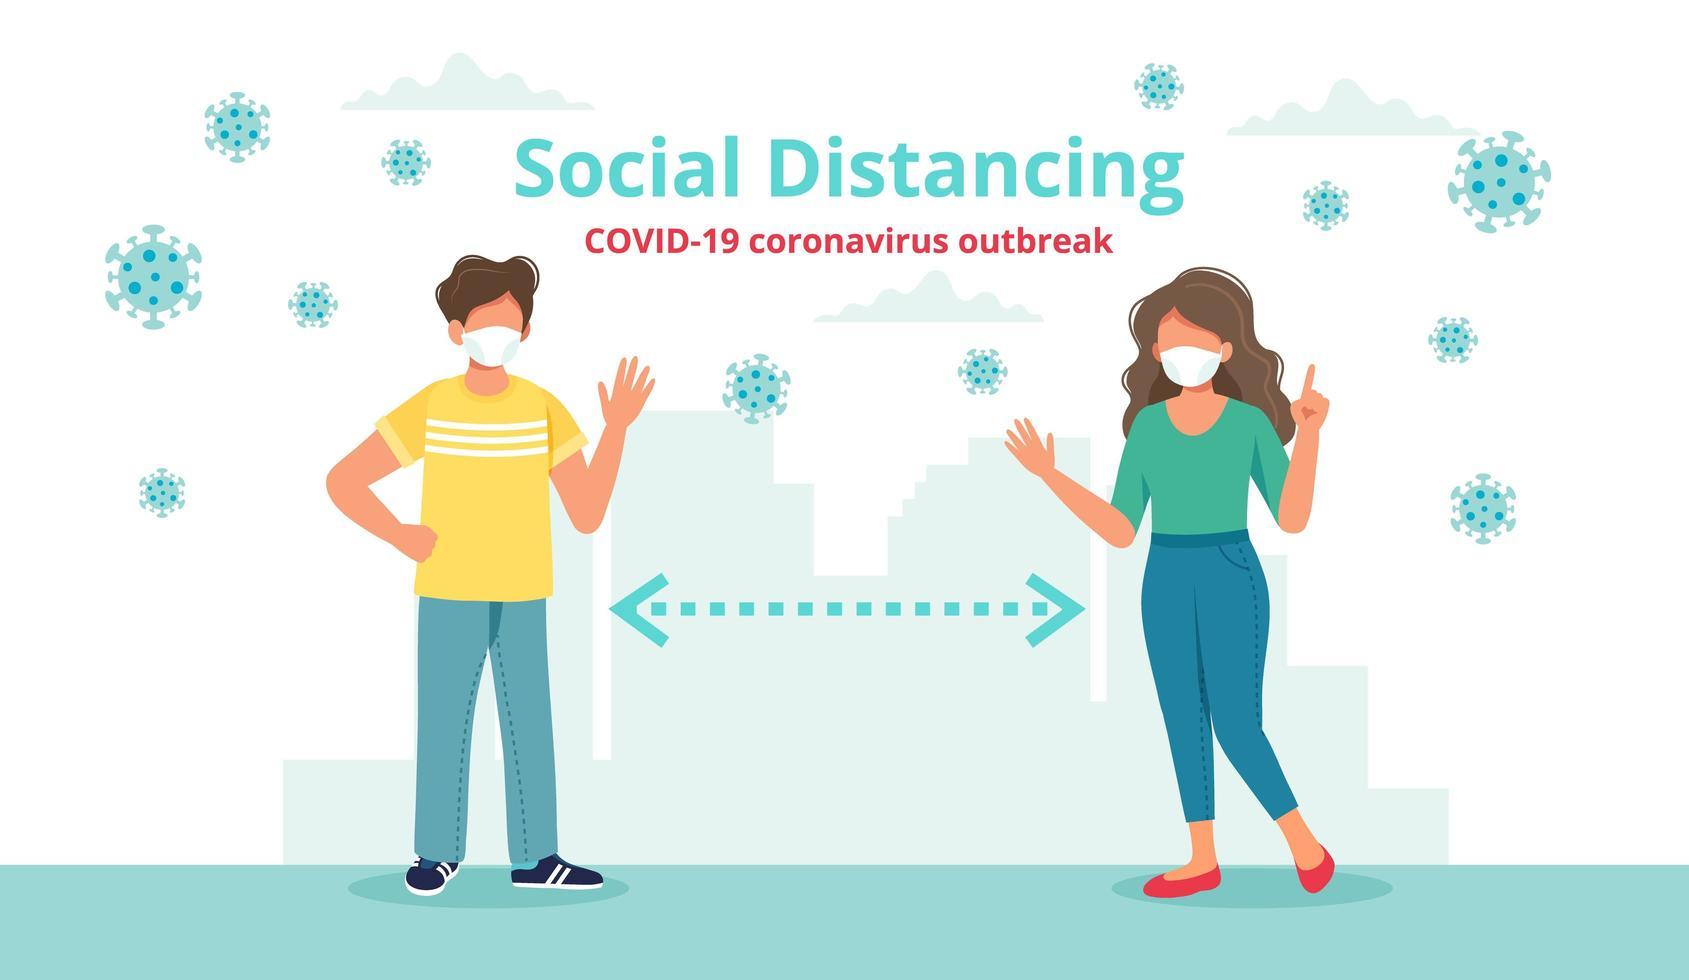 soziales Distanzierungskonzept mit zwei Personen, die auf Distanz winken vektor